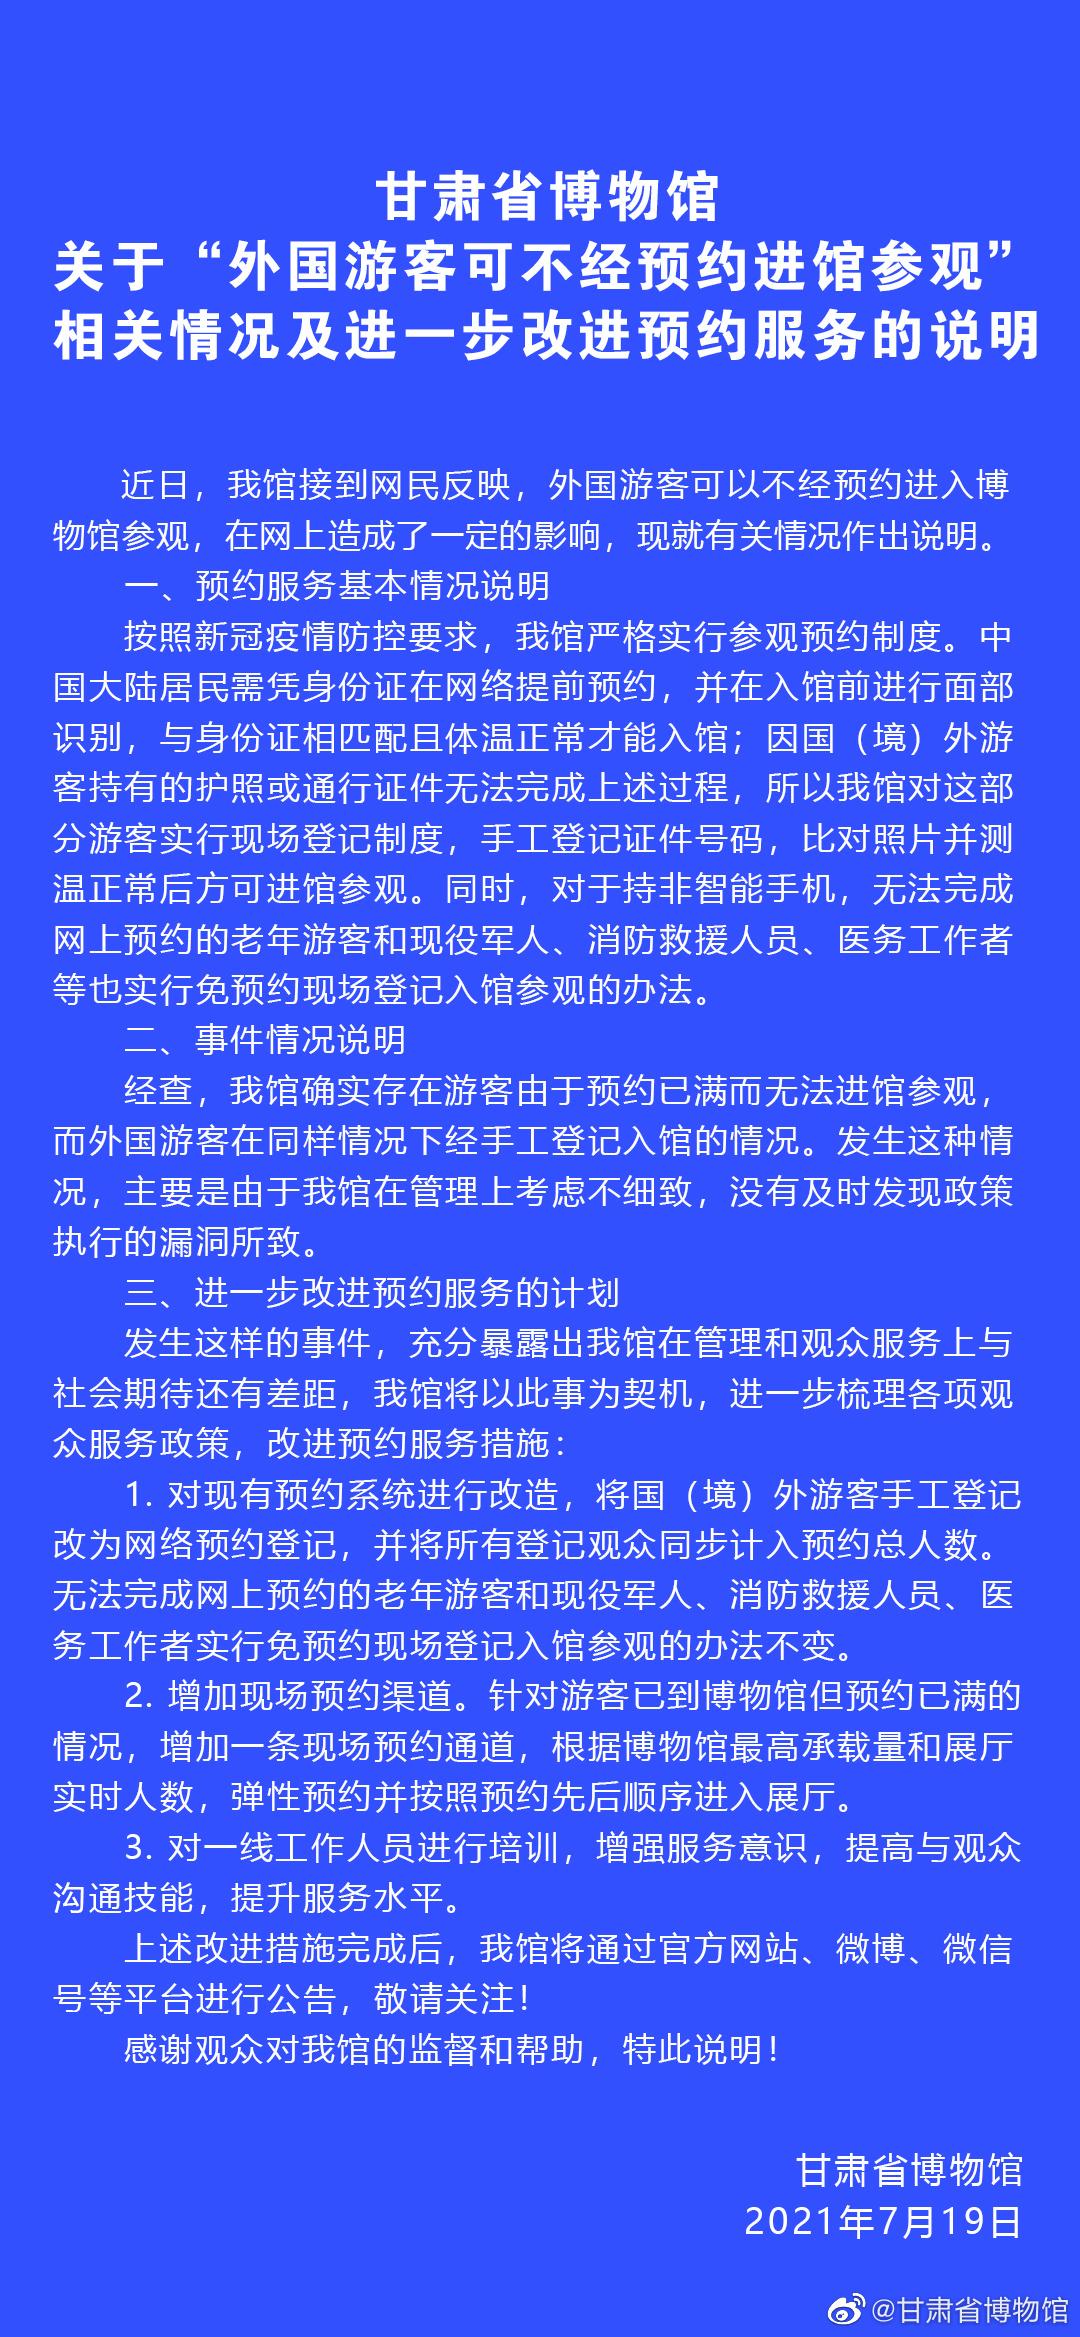 甘肃省博物馆发布相关情况说明。 微博@甘肃省博物馆 图